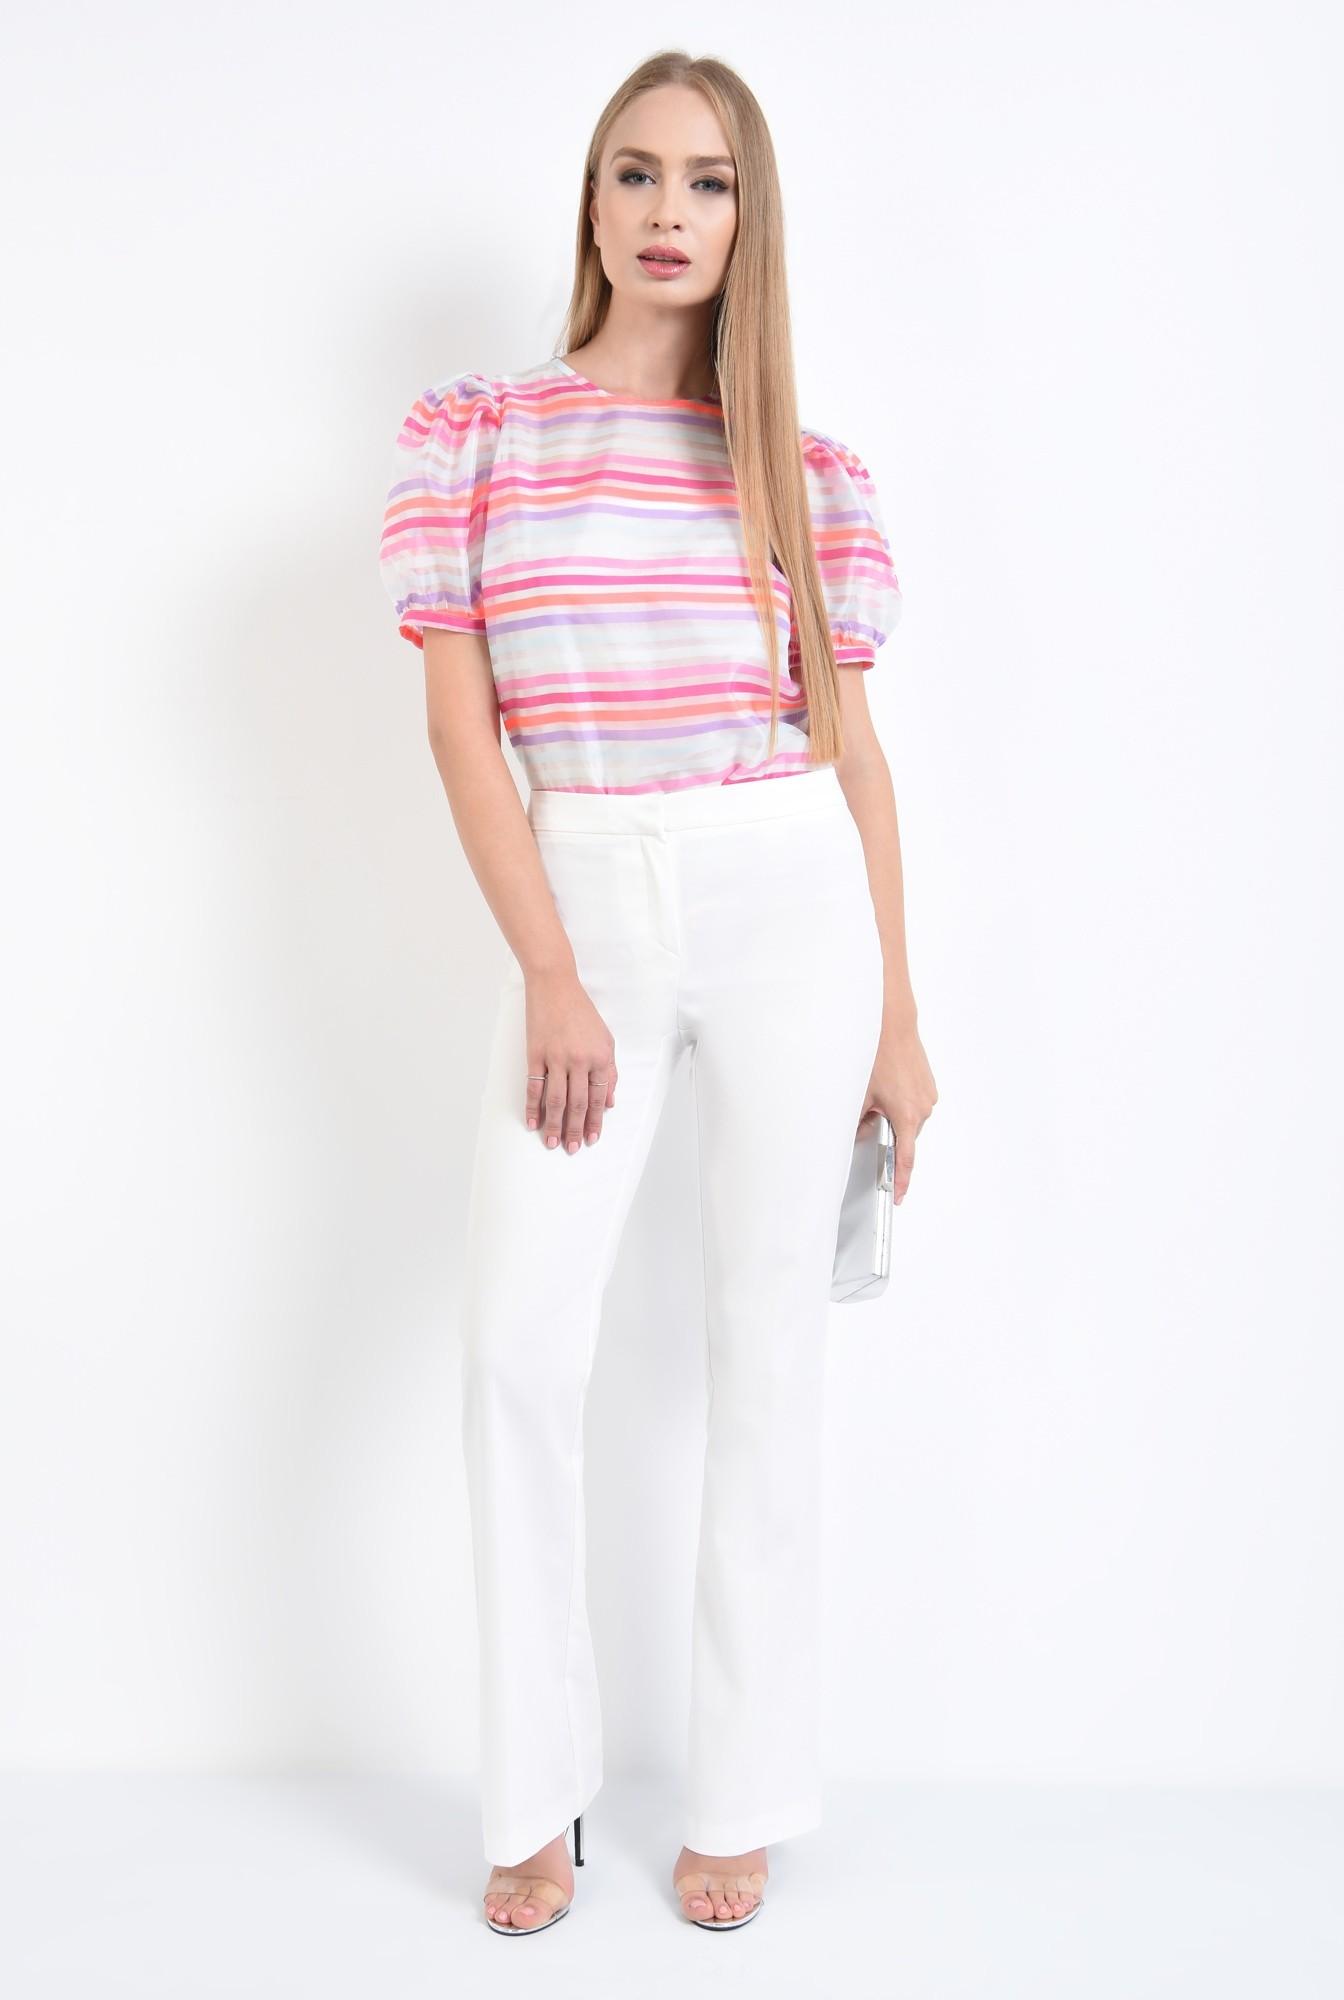 3 - bluza de ocazie, imprimeu dungi, roz, alb, bluze online